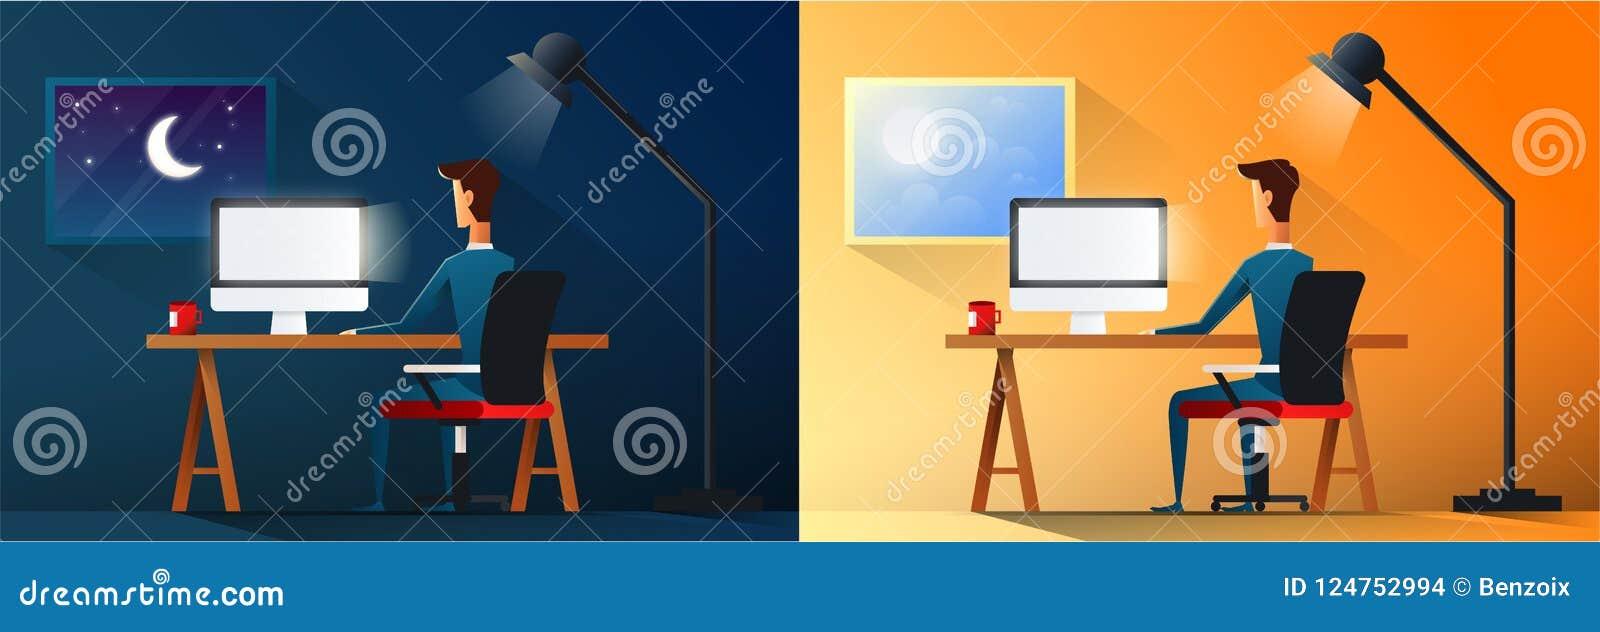 Vida de cada día del hombre de negocios o del diseñador cansado en el trabajo Oficinista agotado en su día laborable y noche del